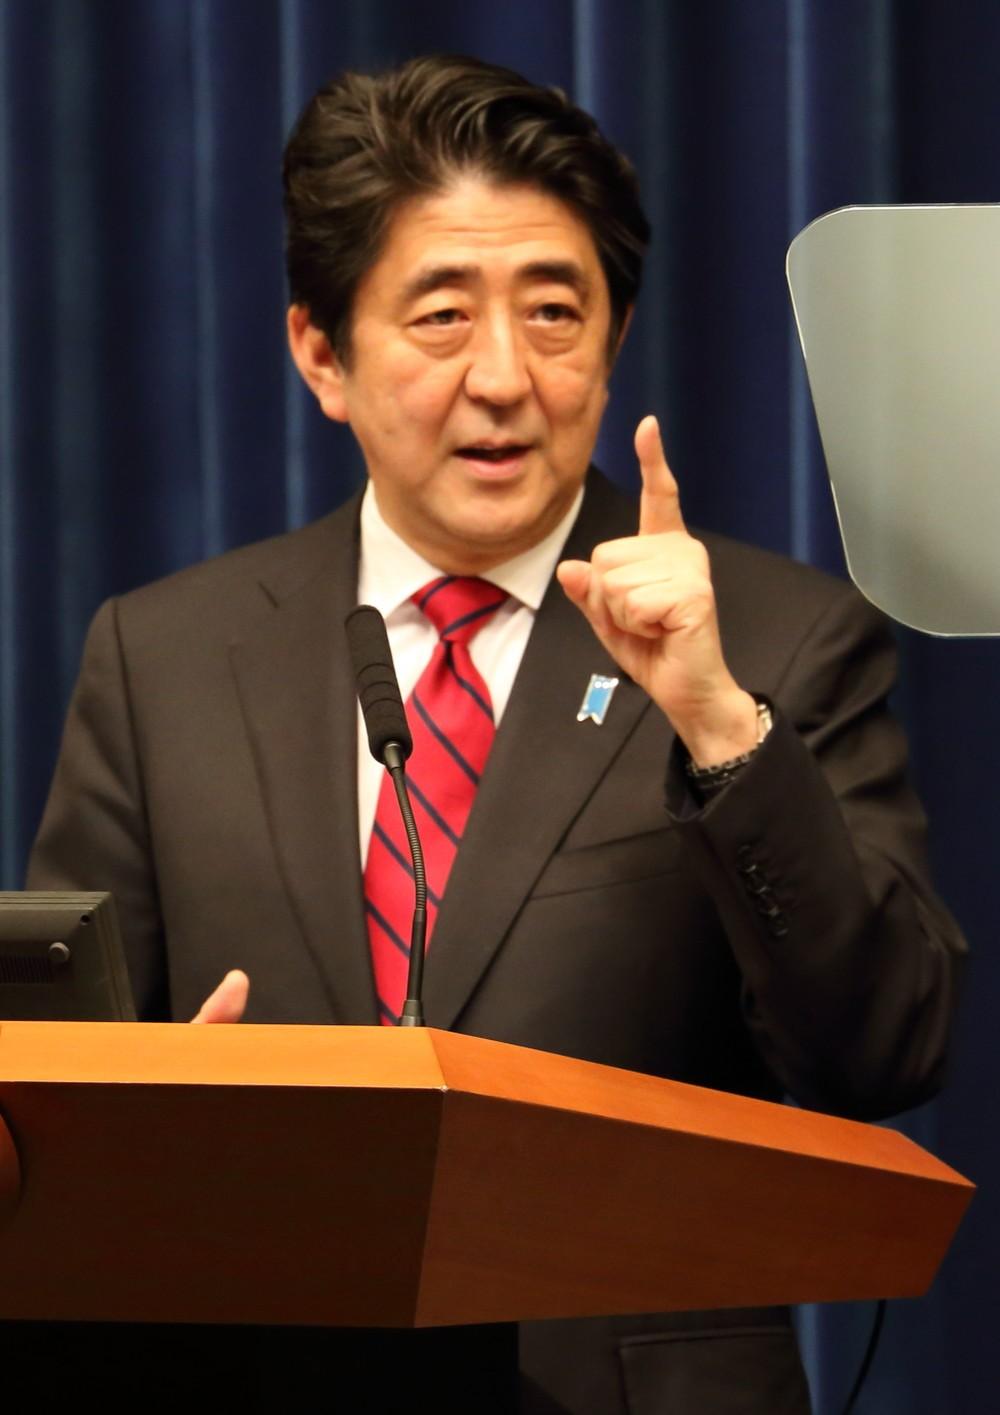 首相バカ発言の太田光、妻のフォローは効いたのか 「旦那の事思っているんだな!」の声も